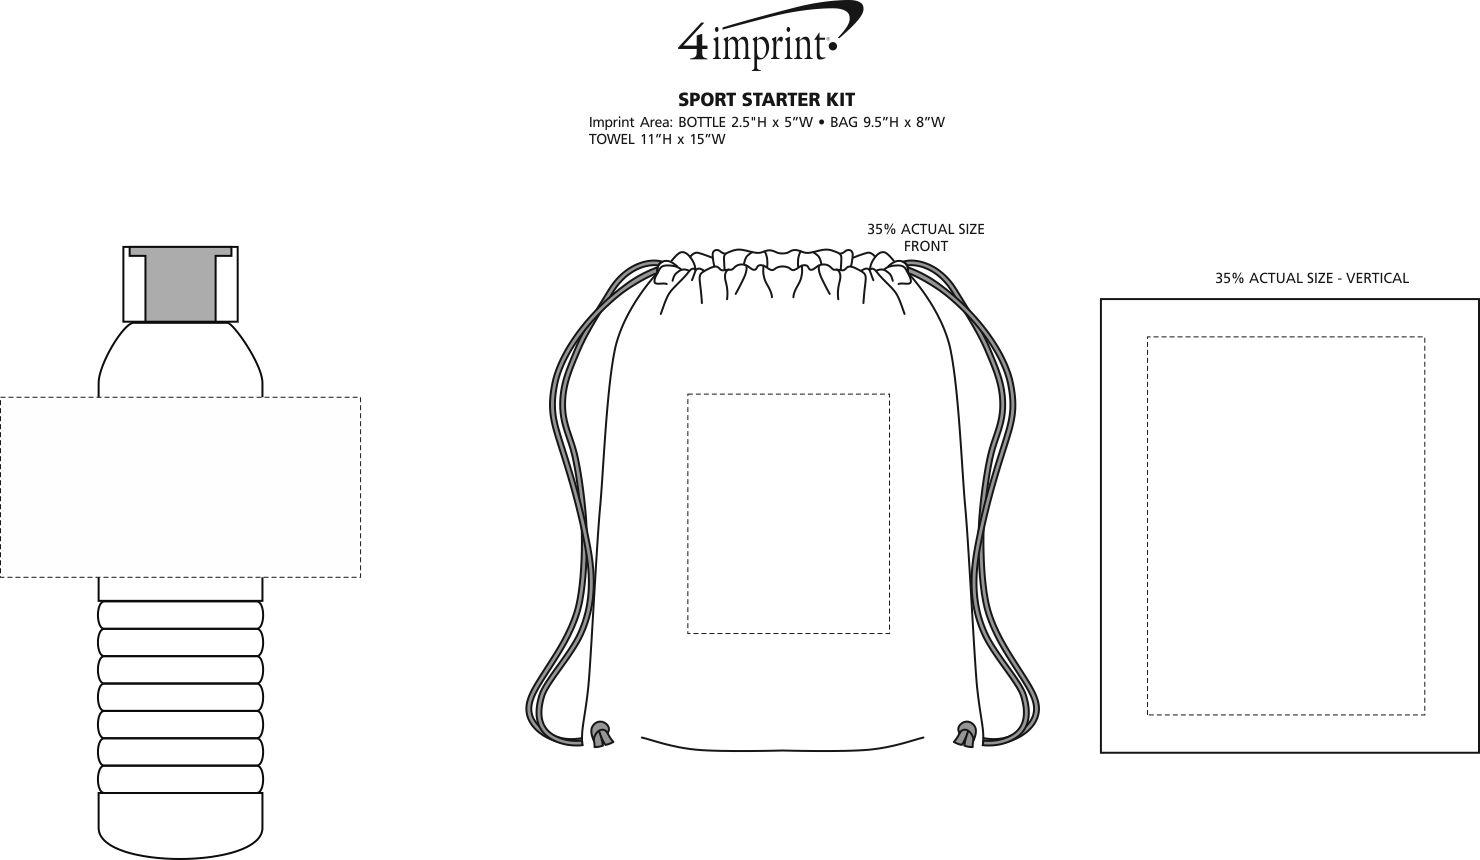 Imprint Area of Sport Starter Kit